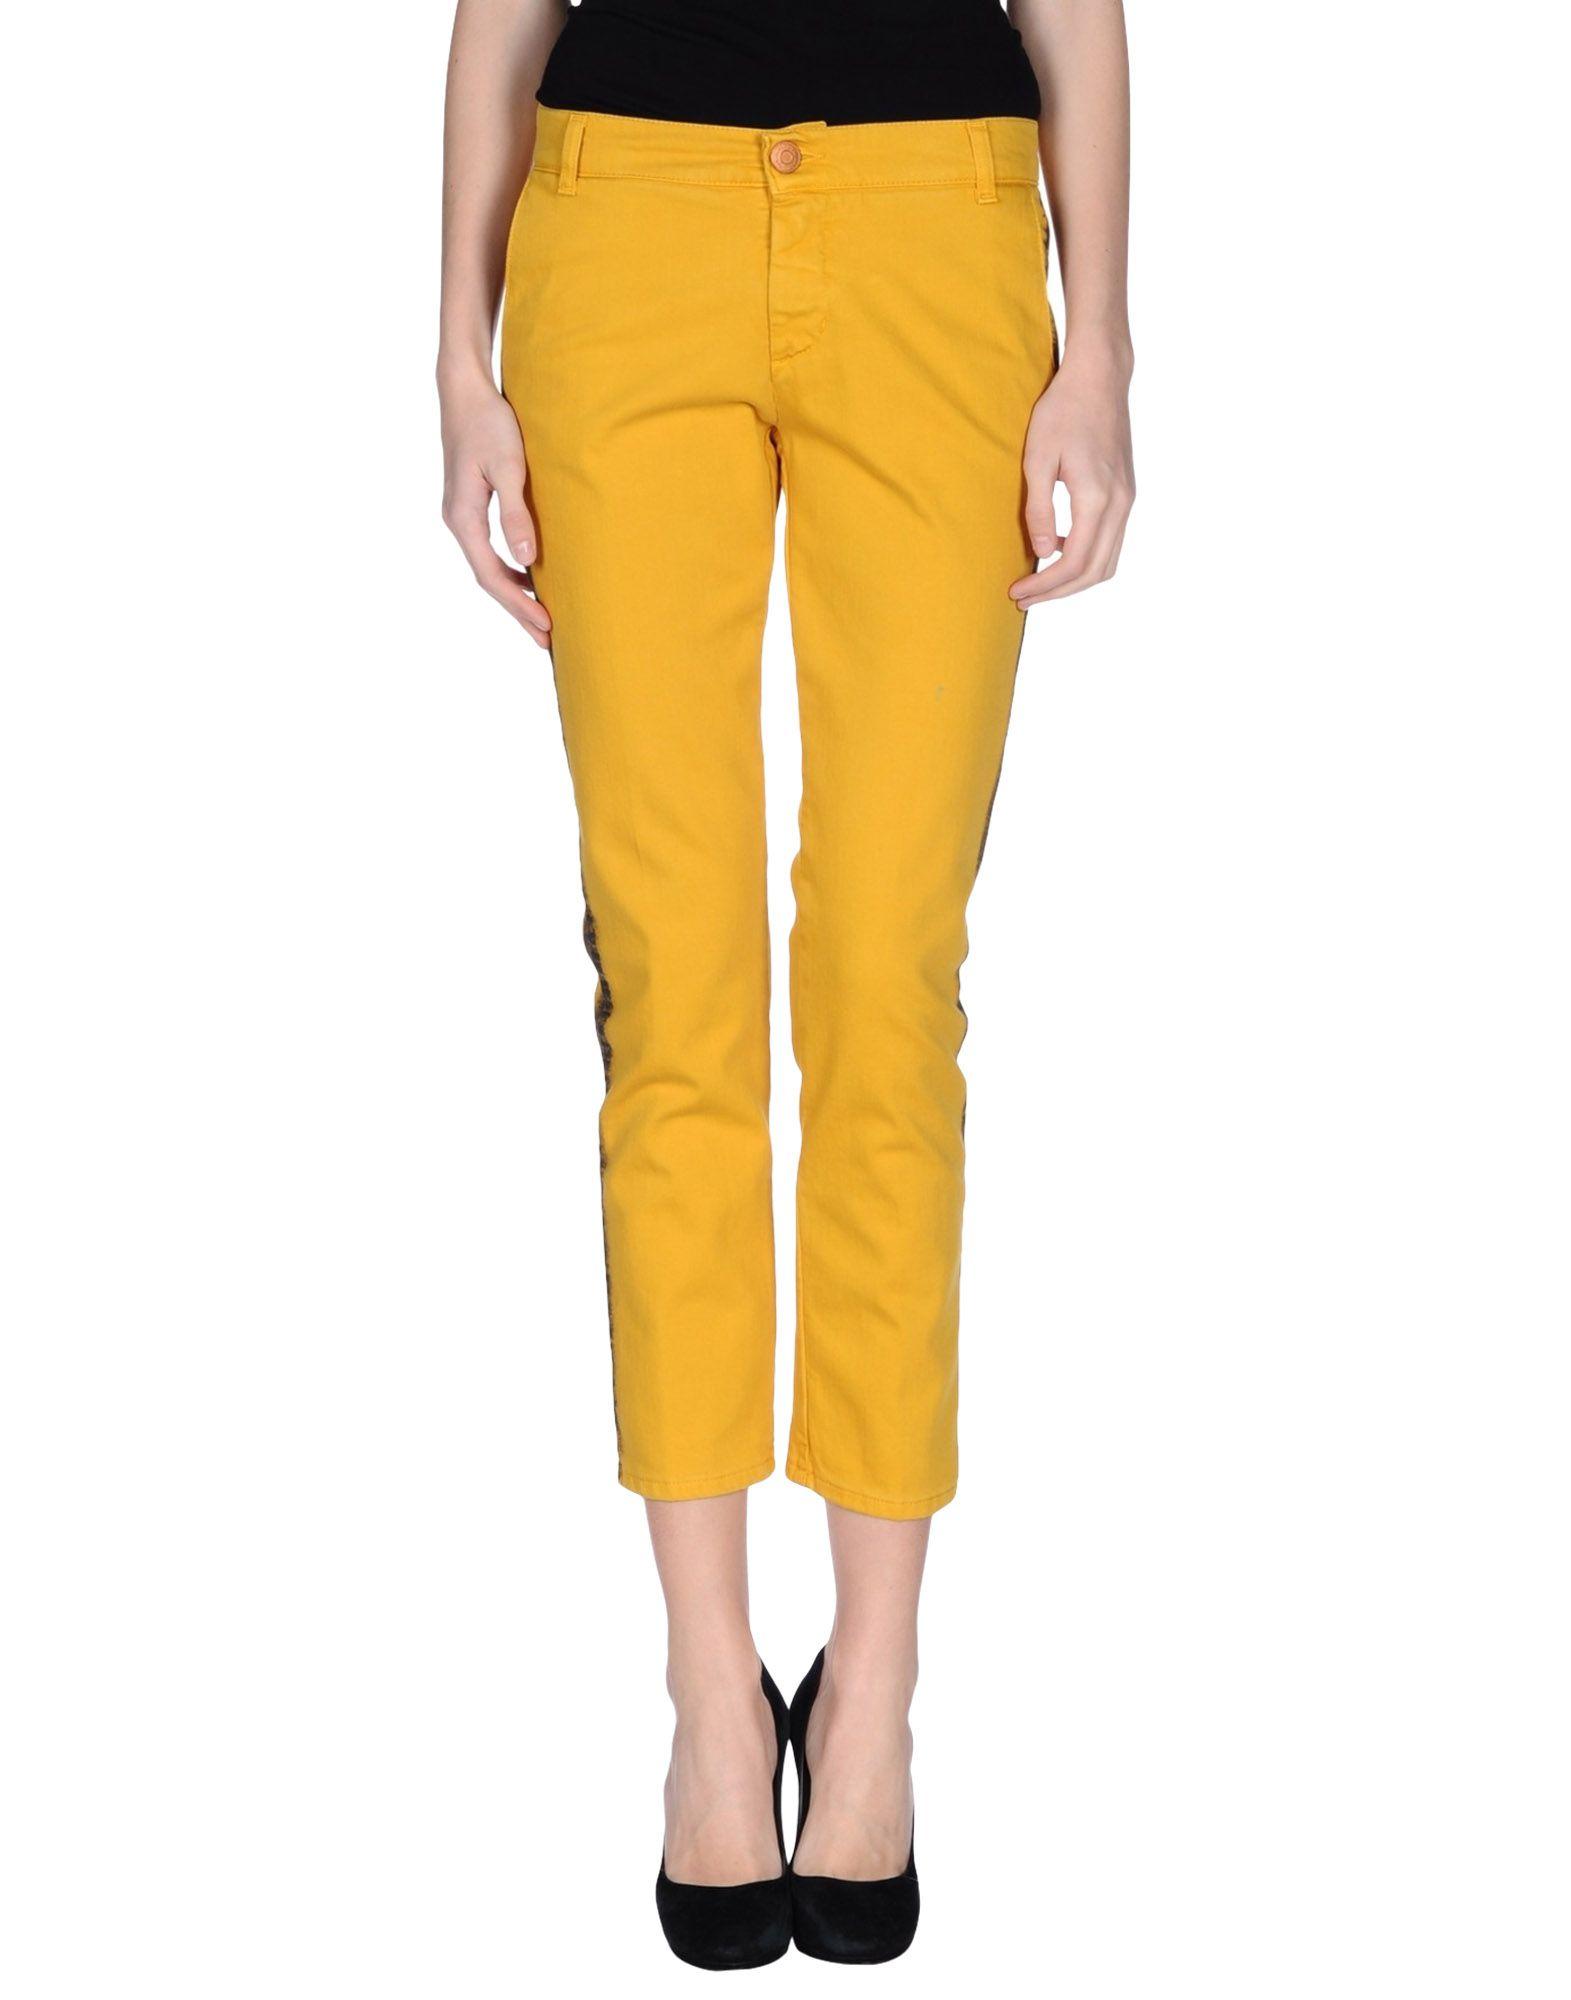 ROSAM CAPE Damen Jeanshose7 gelb